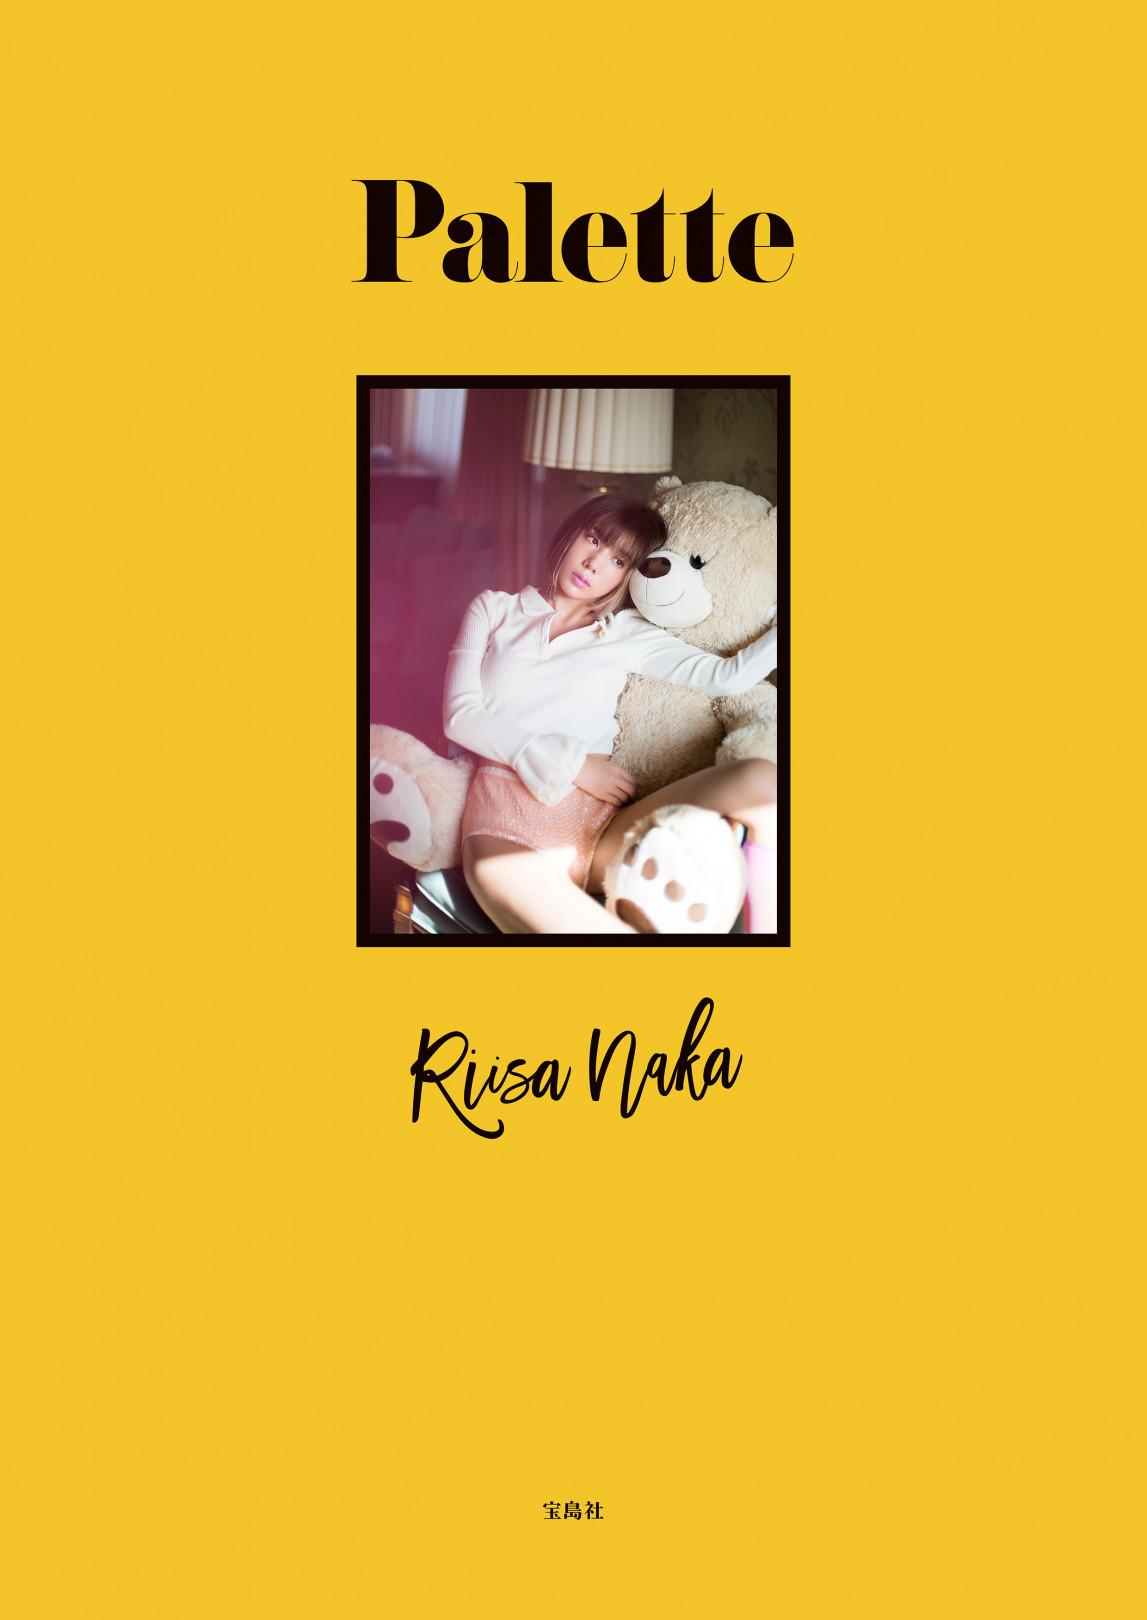 仲里依紗、初のスタイルブック『Palette』発売。出版記念の限定サイン会をブックストア「BOOKMARC」にて4月18日に開催